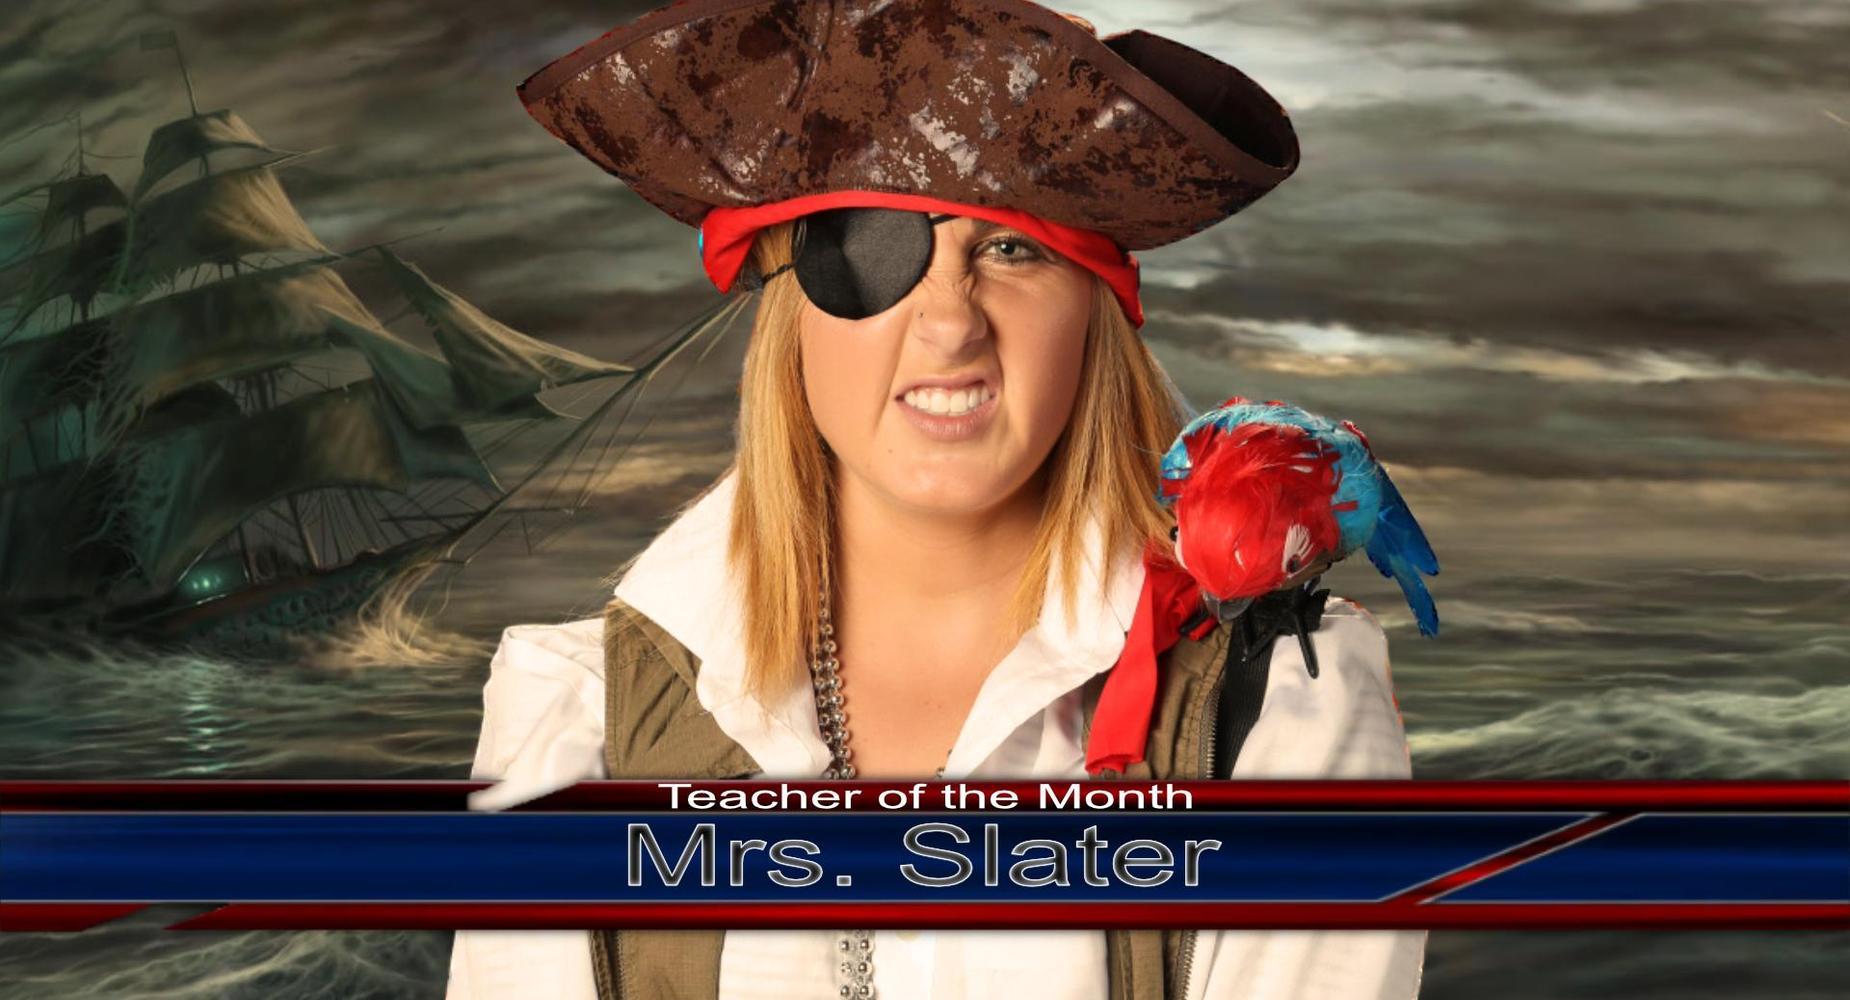 Teacher of the Month - Mrs. Slater